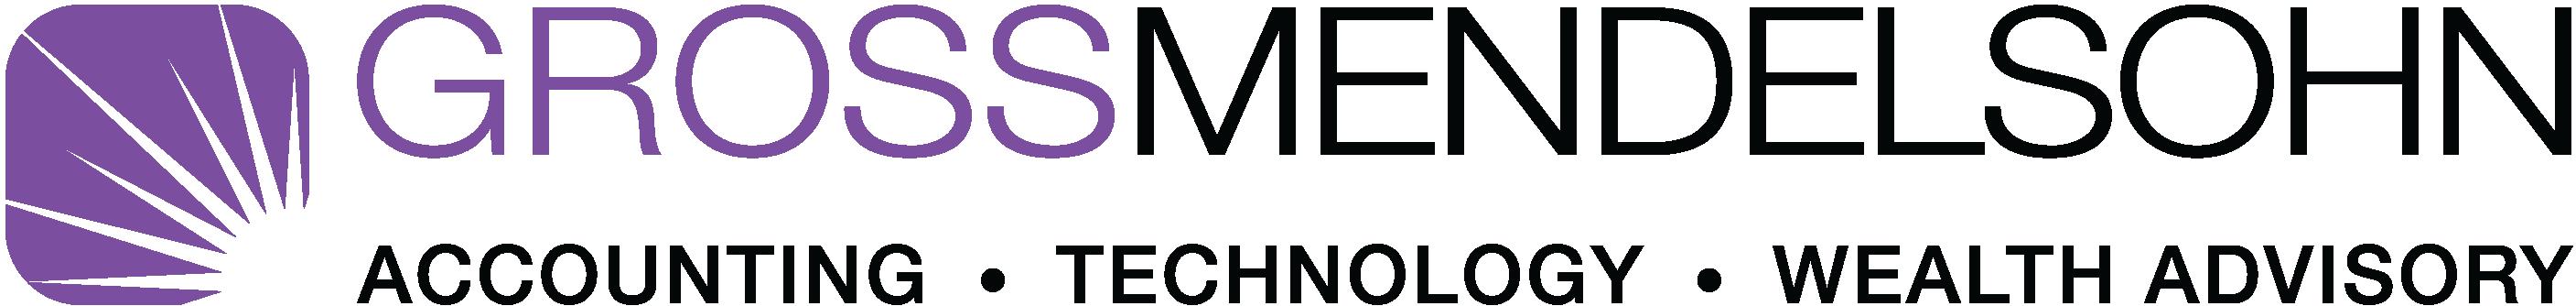 Gross Mendelsohn Technology Solutions Group